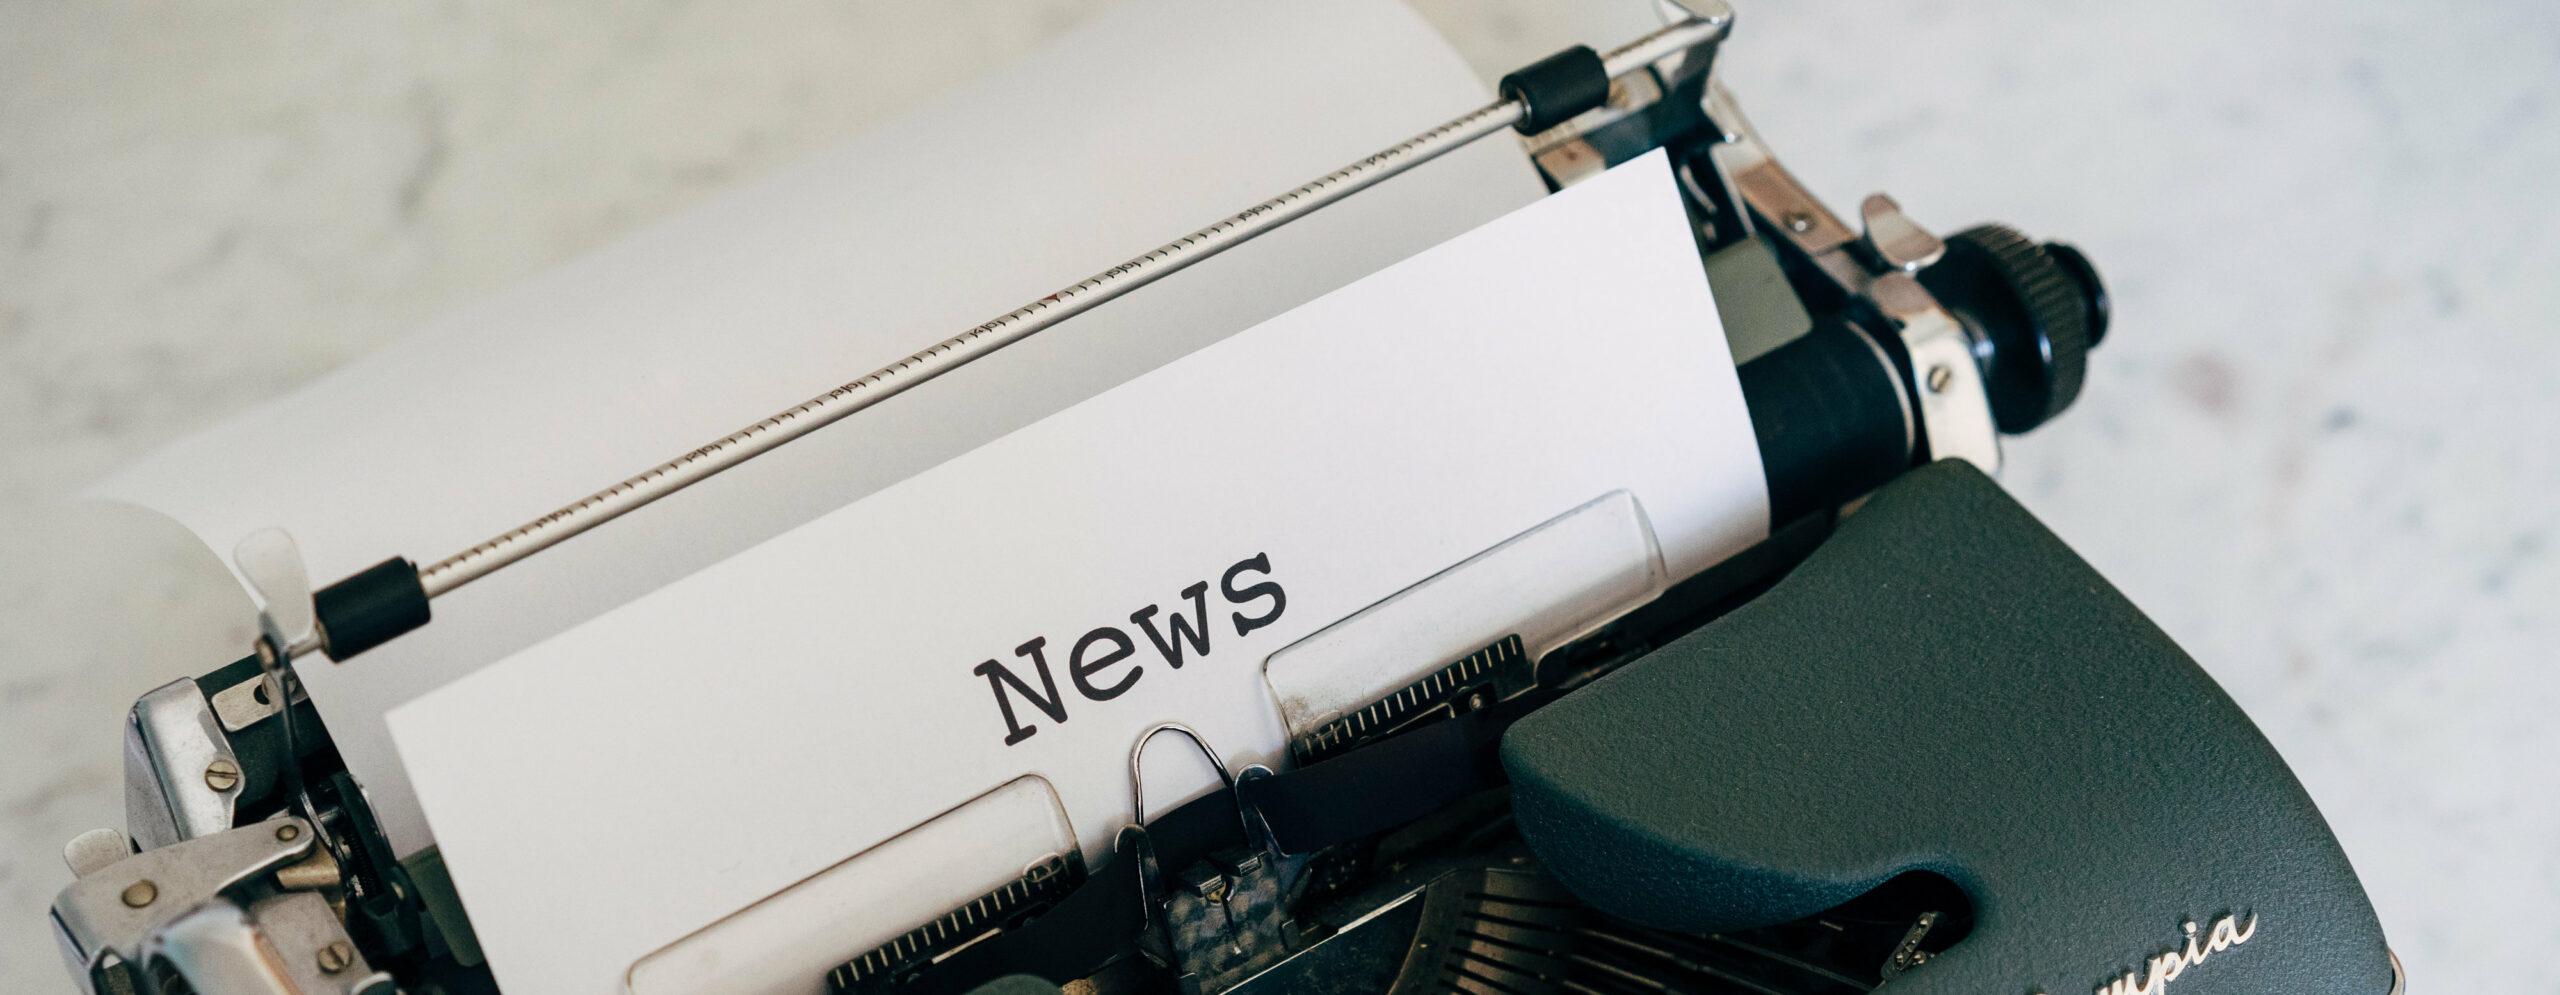 Schreibmaschine mit News-Papier